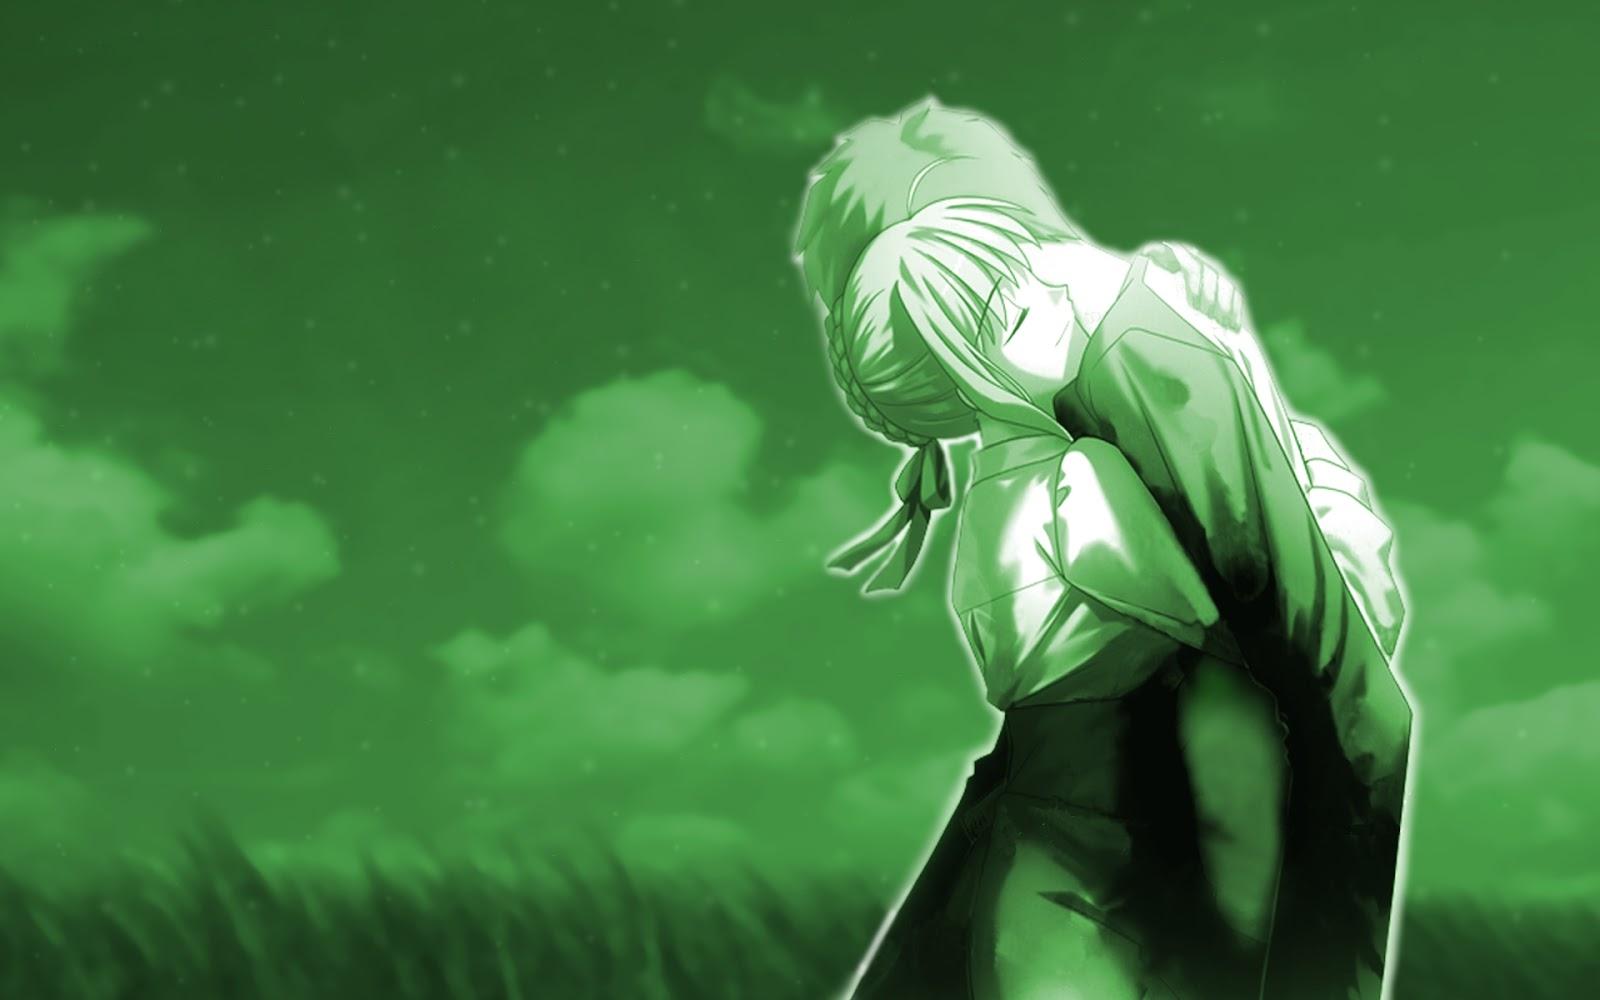 http://1.bp.blogspot.com/-HToNRvCF83Y/ULYwVhDI-2I/AAAAAAAAJPY/2UqNGivIp-Y/s1600/Lovers+Hug+HD+Wallpaper.jpg